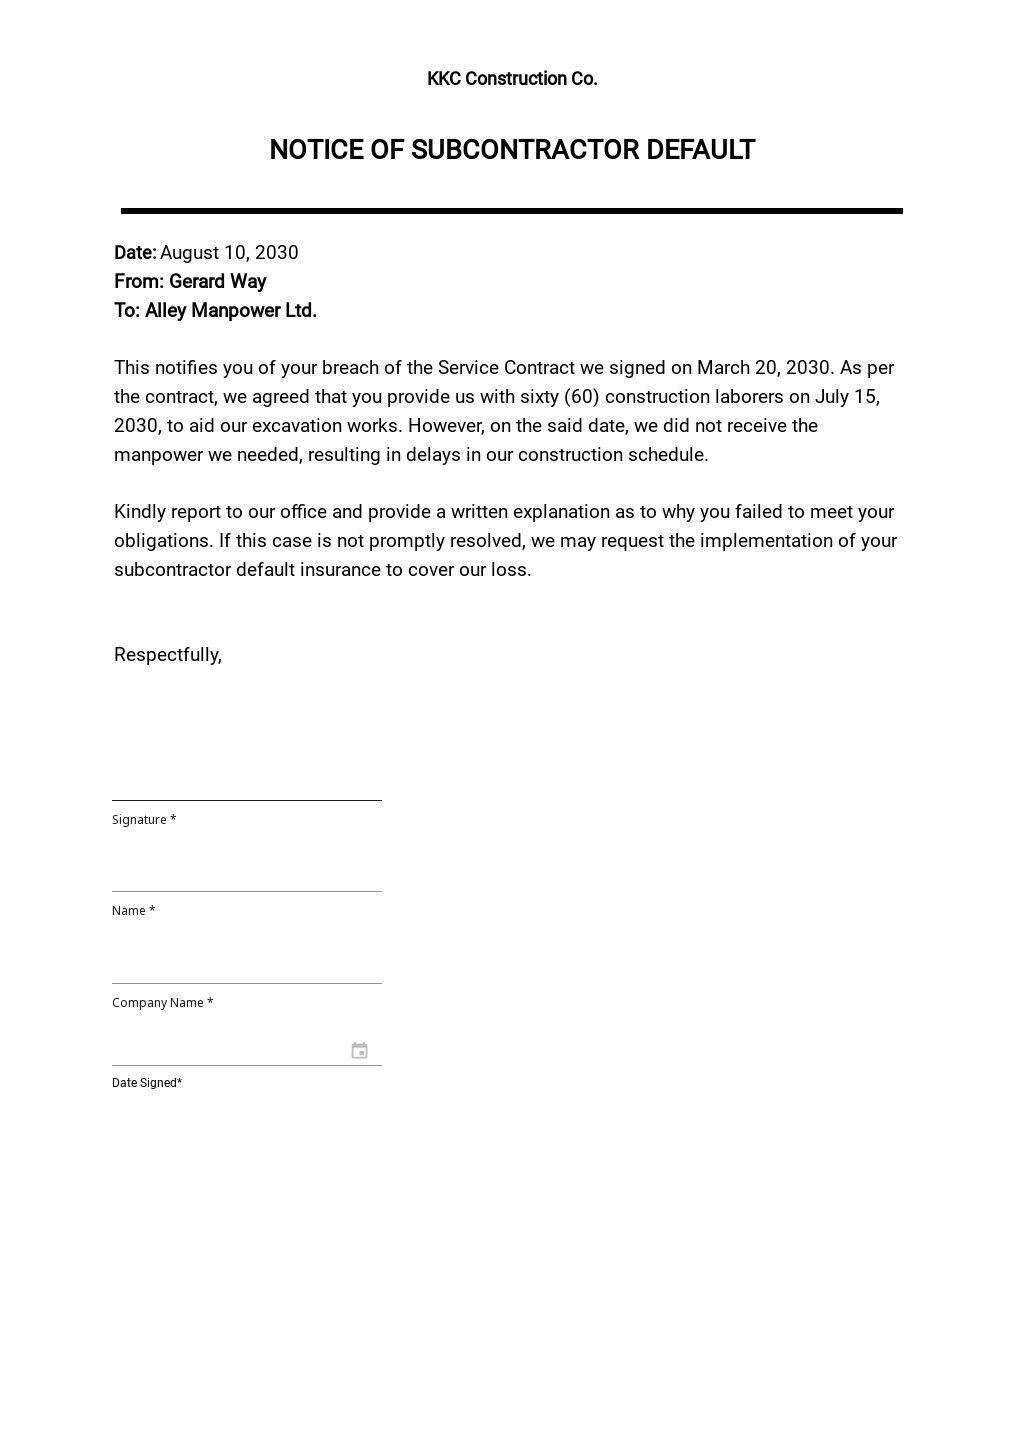 Notice of Subcon Default Template